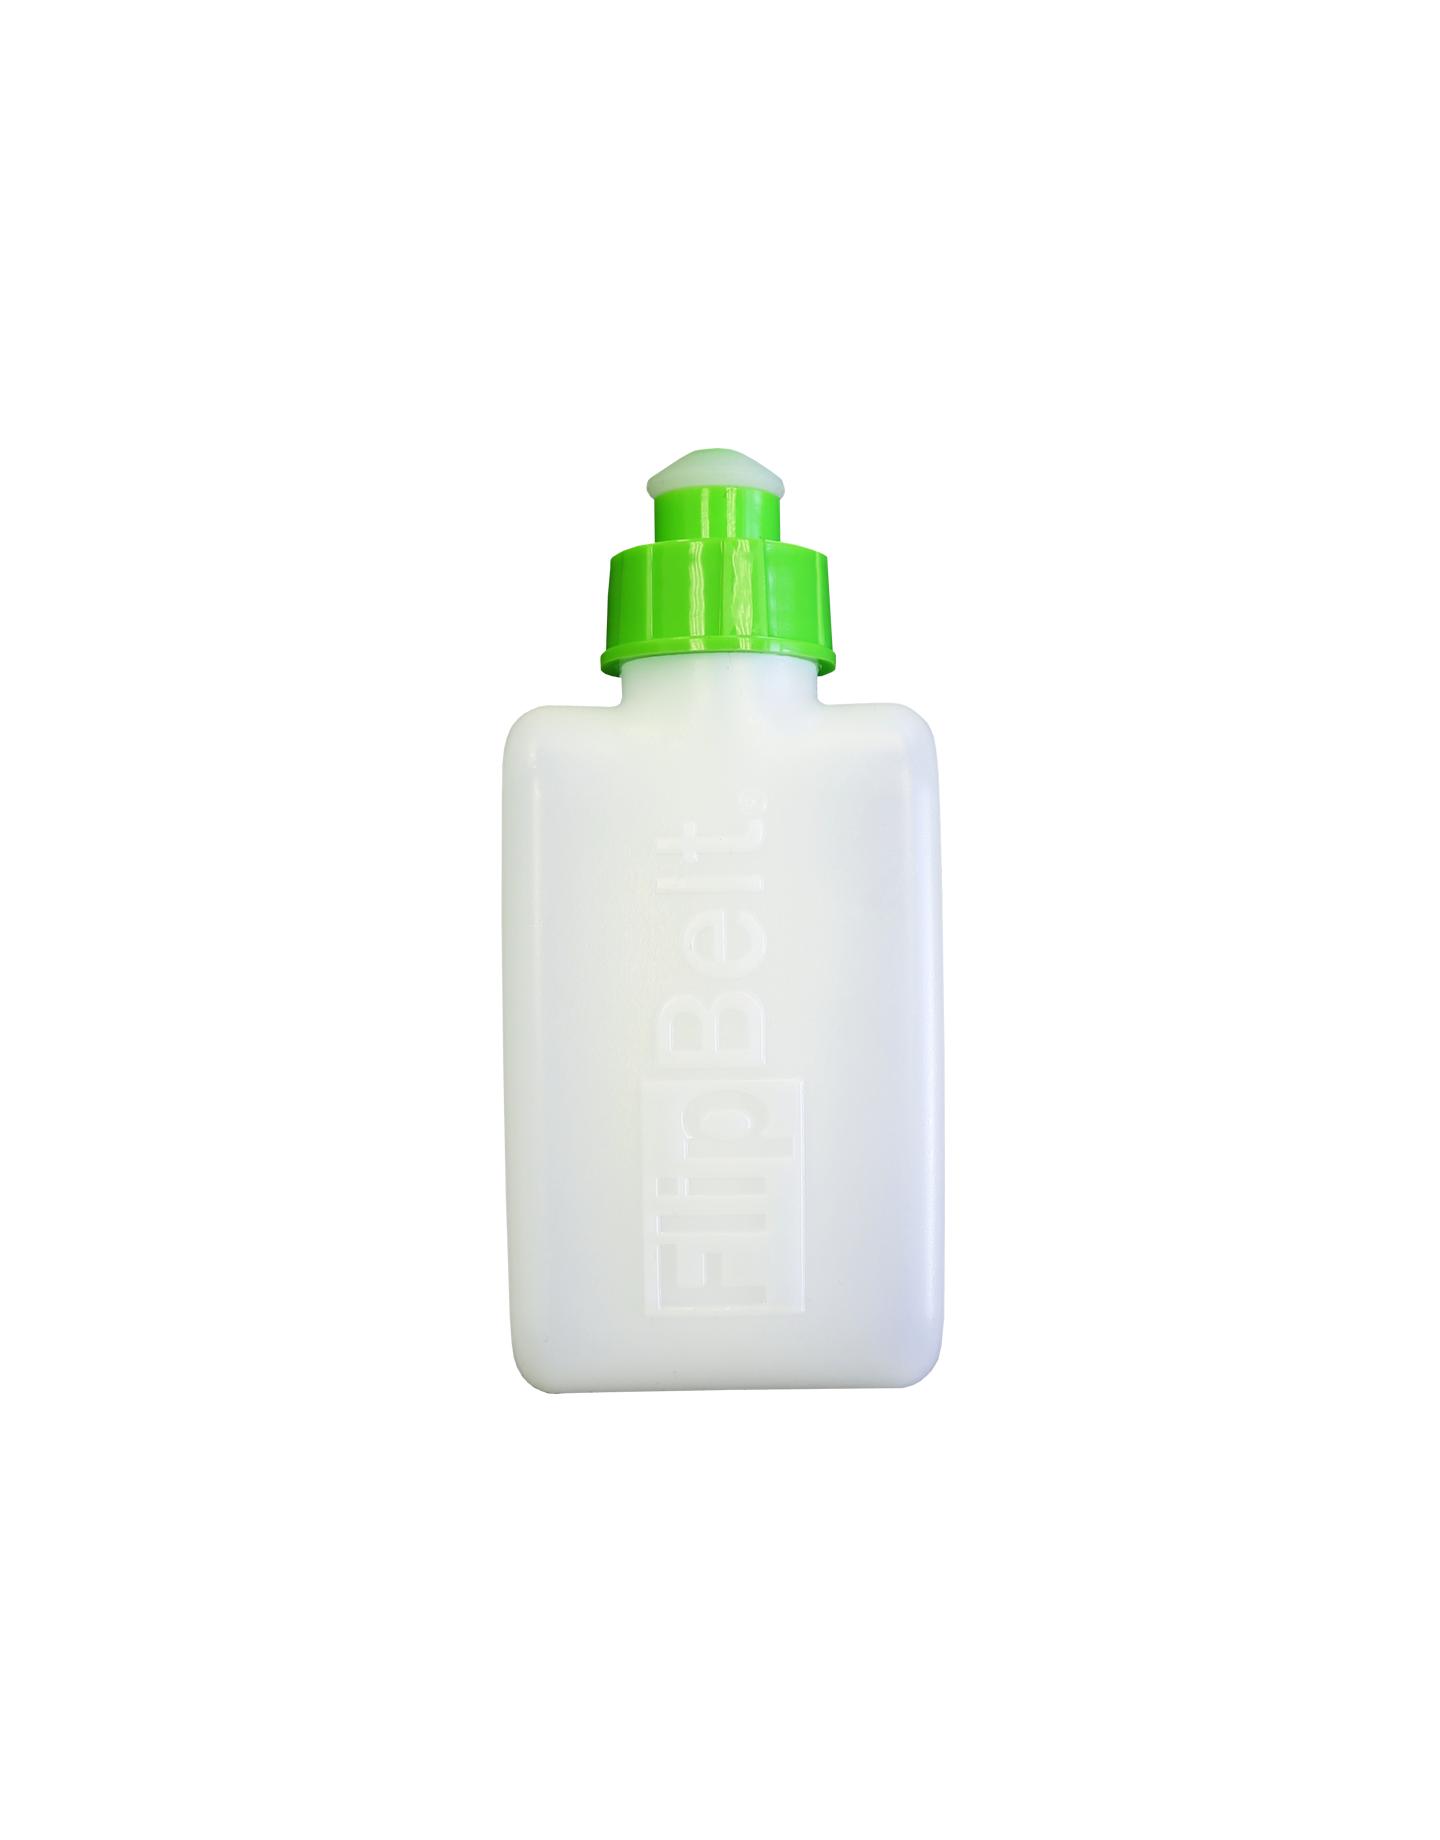 FlipBelt Flipbelt Water Bottle, 6 Oz